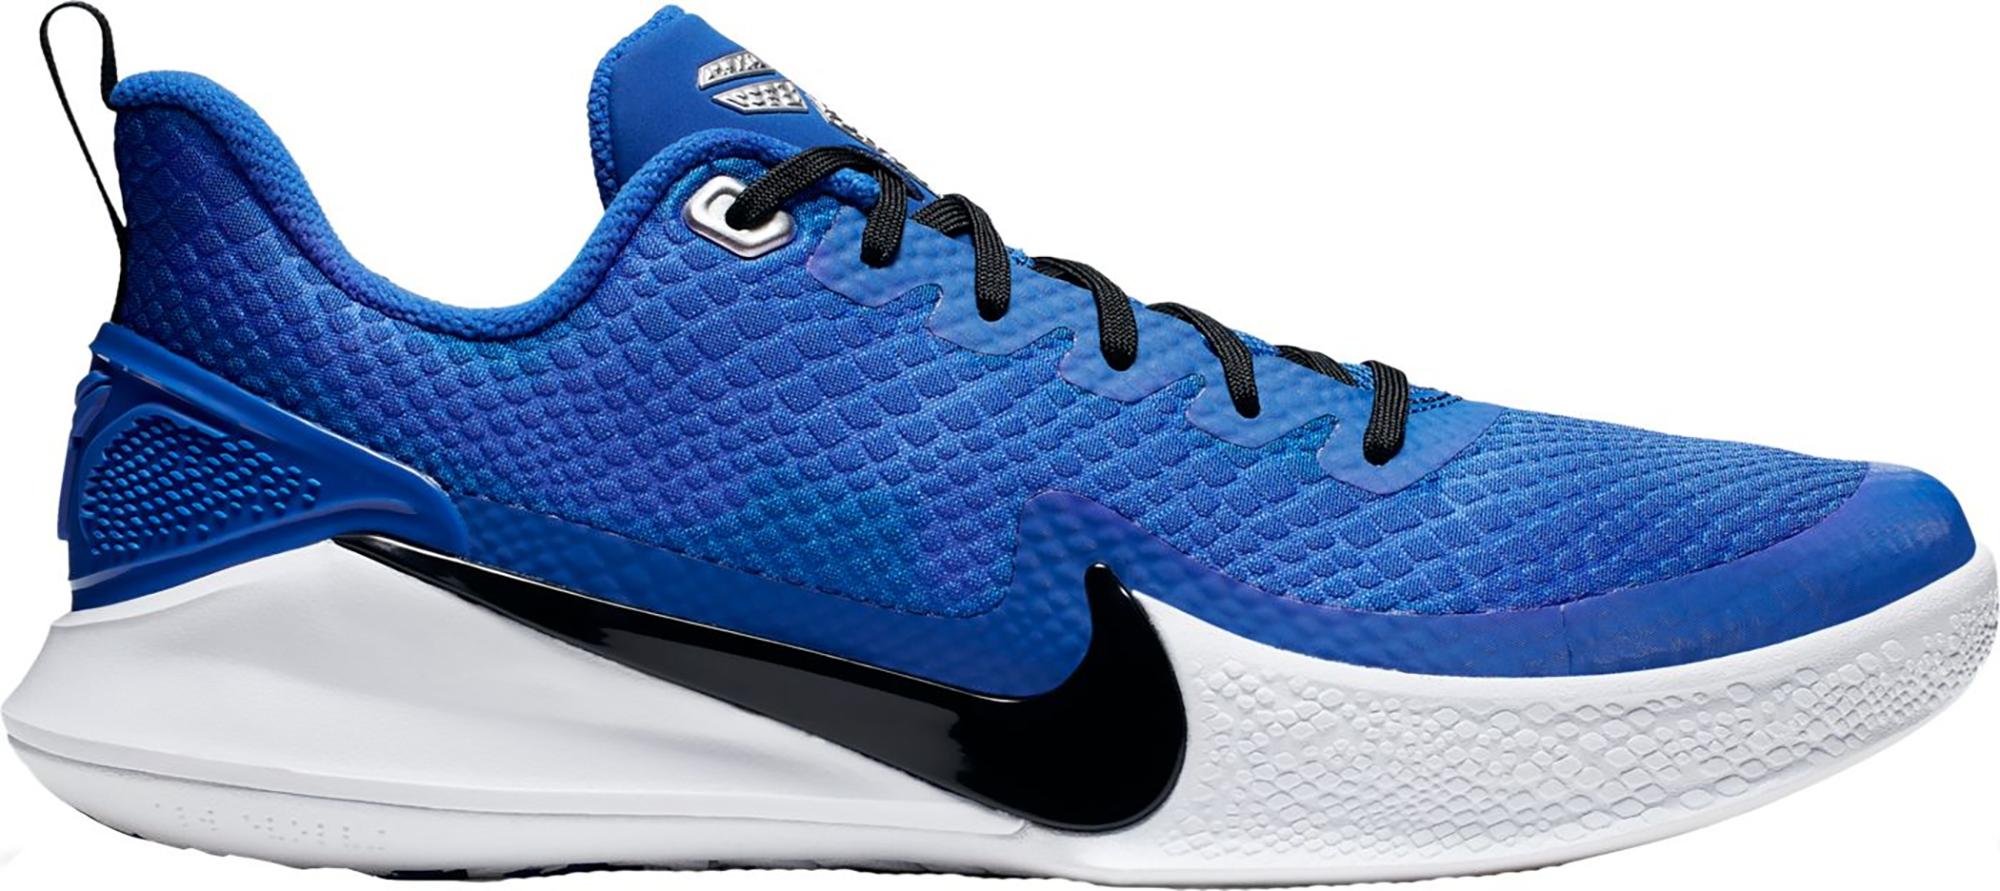 Nike Mamba Focus Game Royal - Sneakers